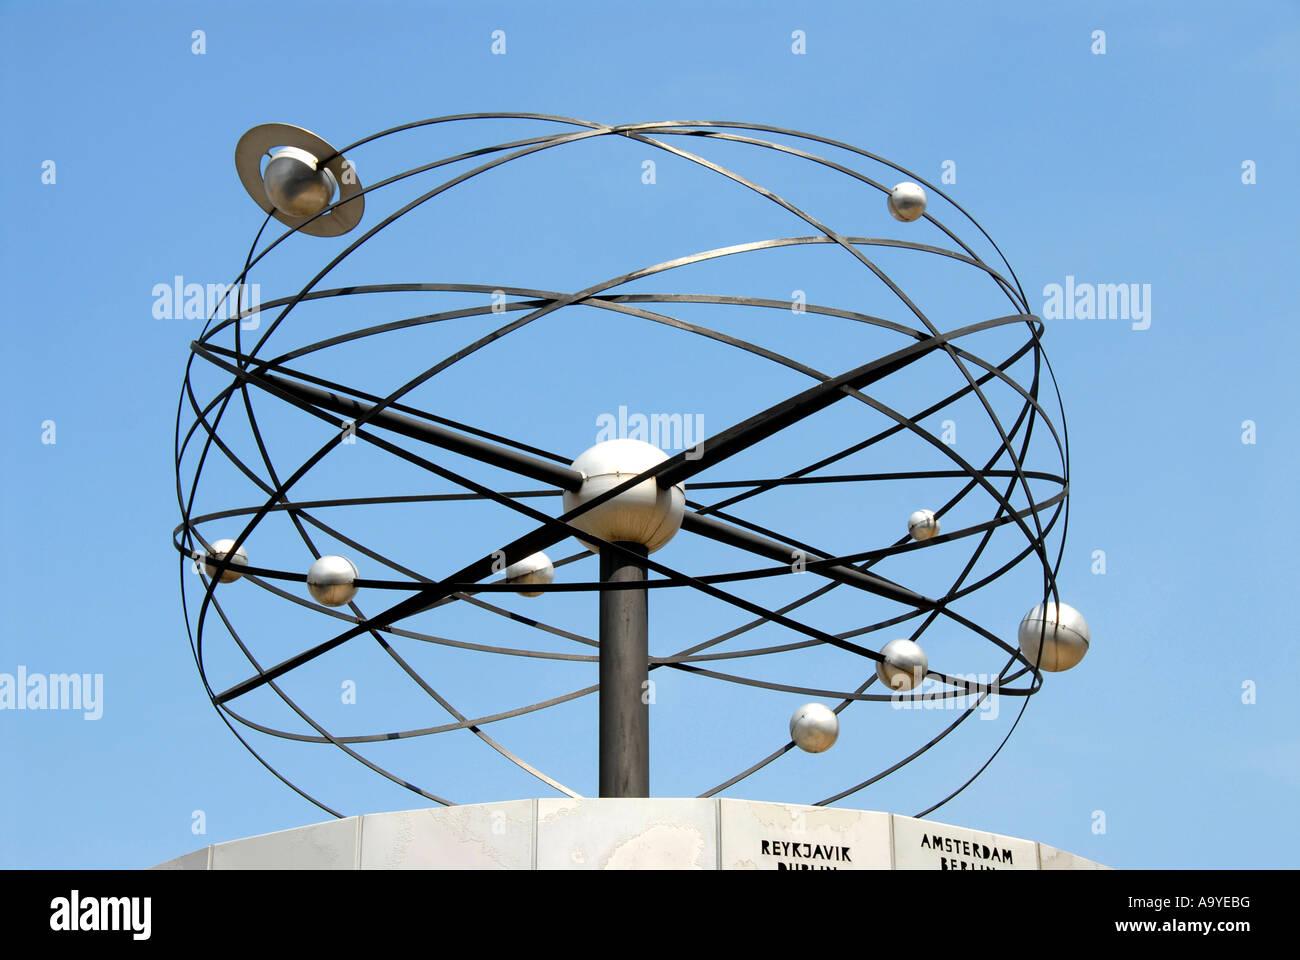 Système solaire avec l'orbite de la planète monde Weltzeituhr Réveil Alexanderplatz Berlin Allemagne Photo Stock